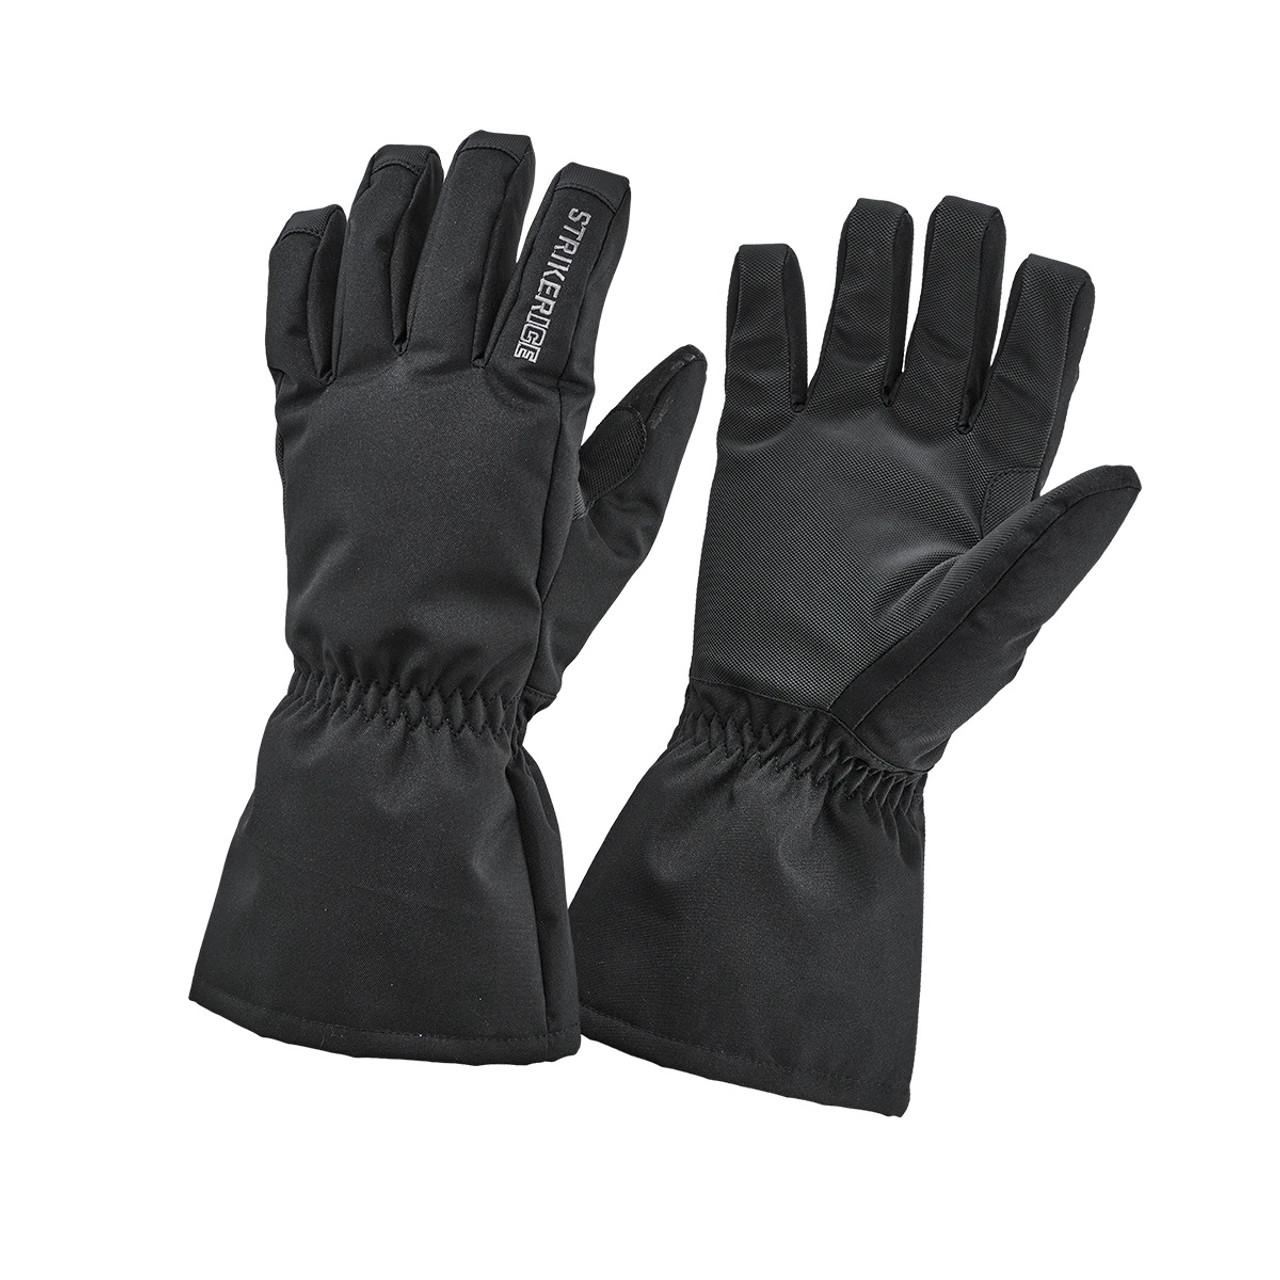 Striker Ice Men's Trekker Ice Fishing Gloves